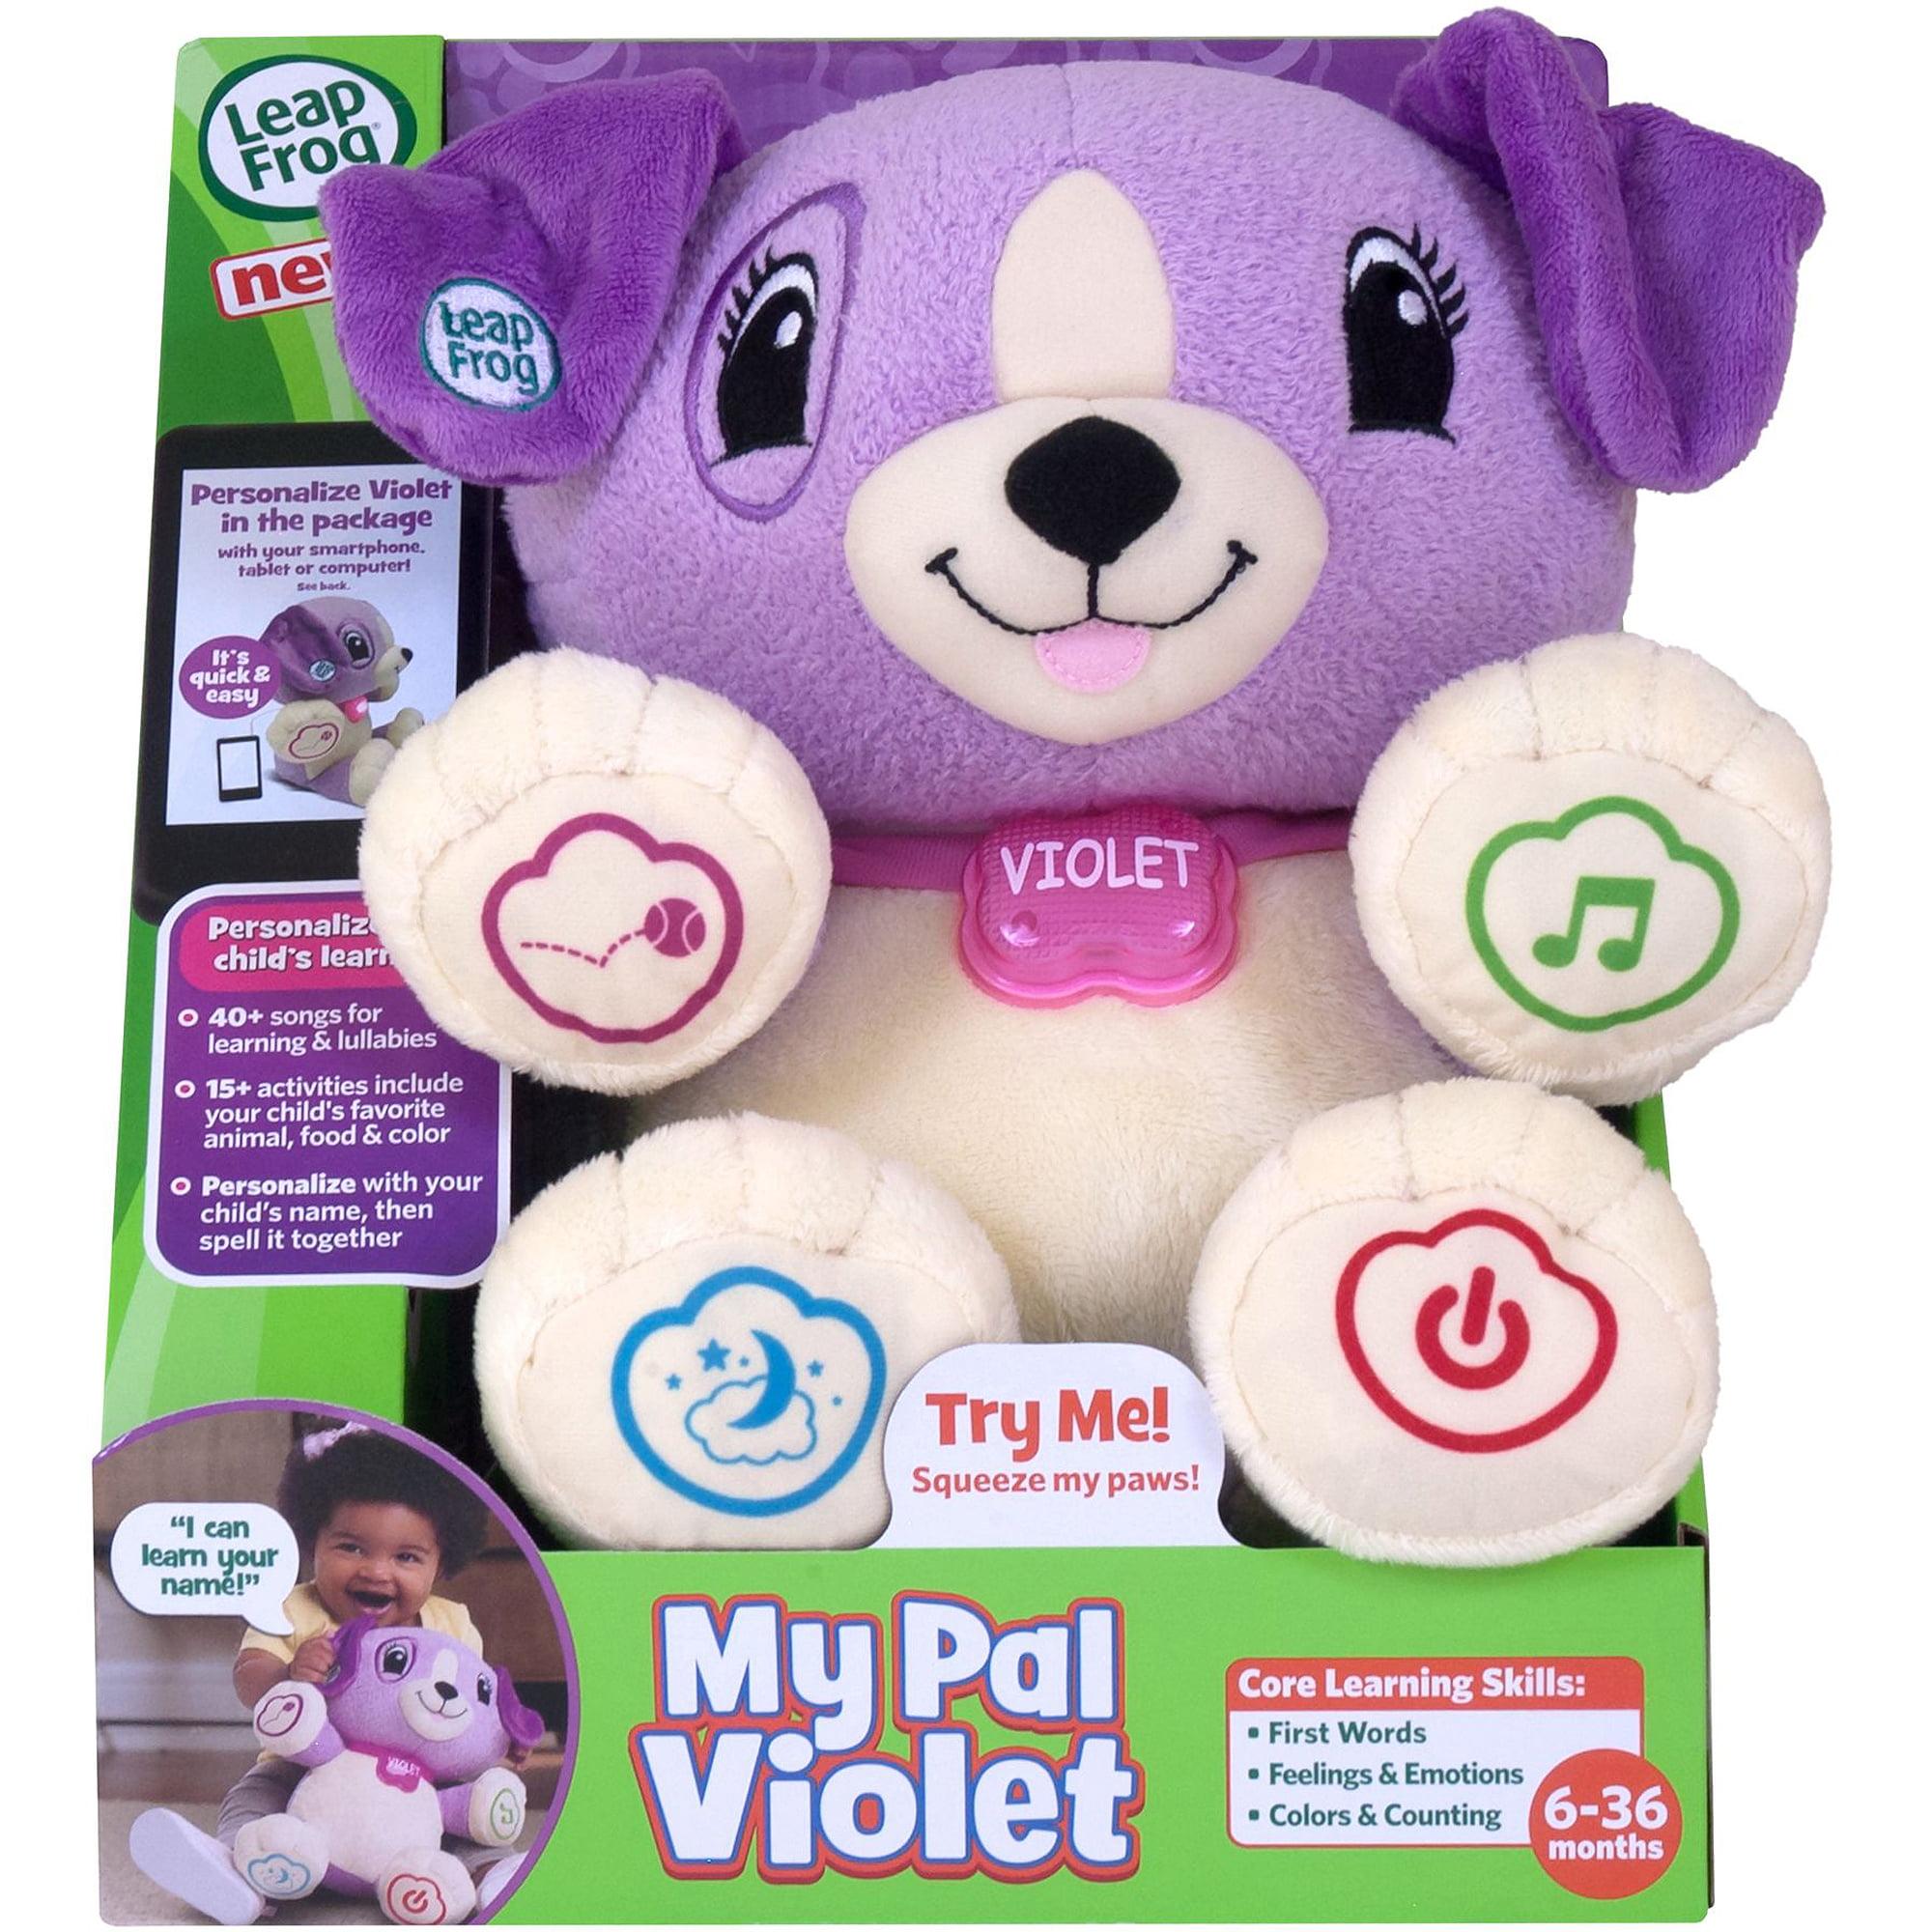 LeapFrog My Pal Violet Walmart